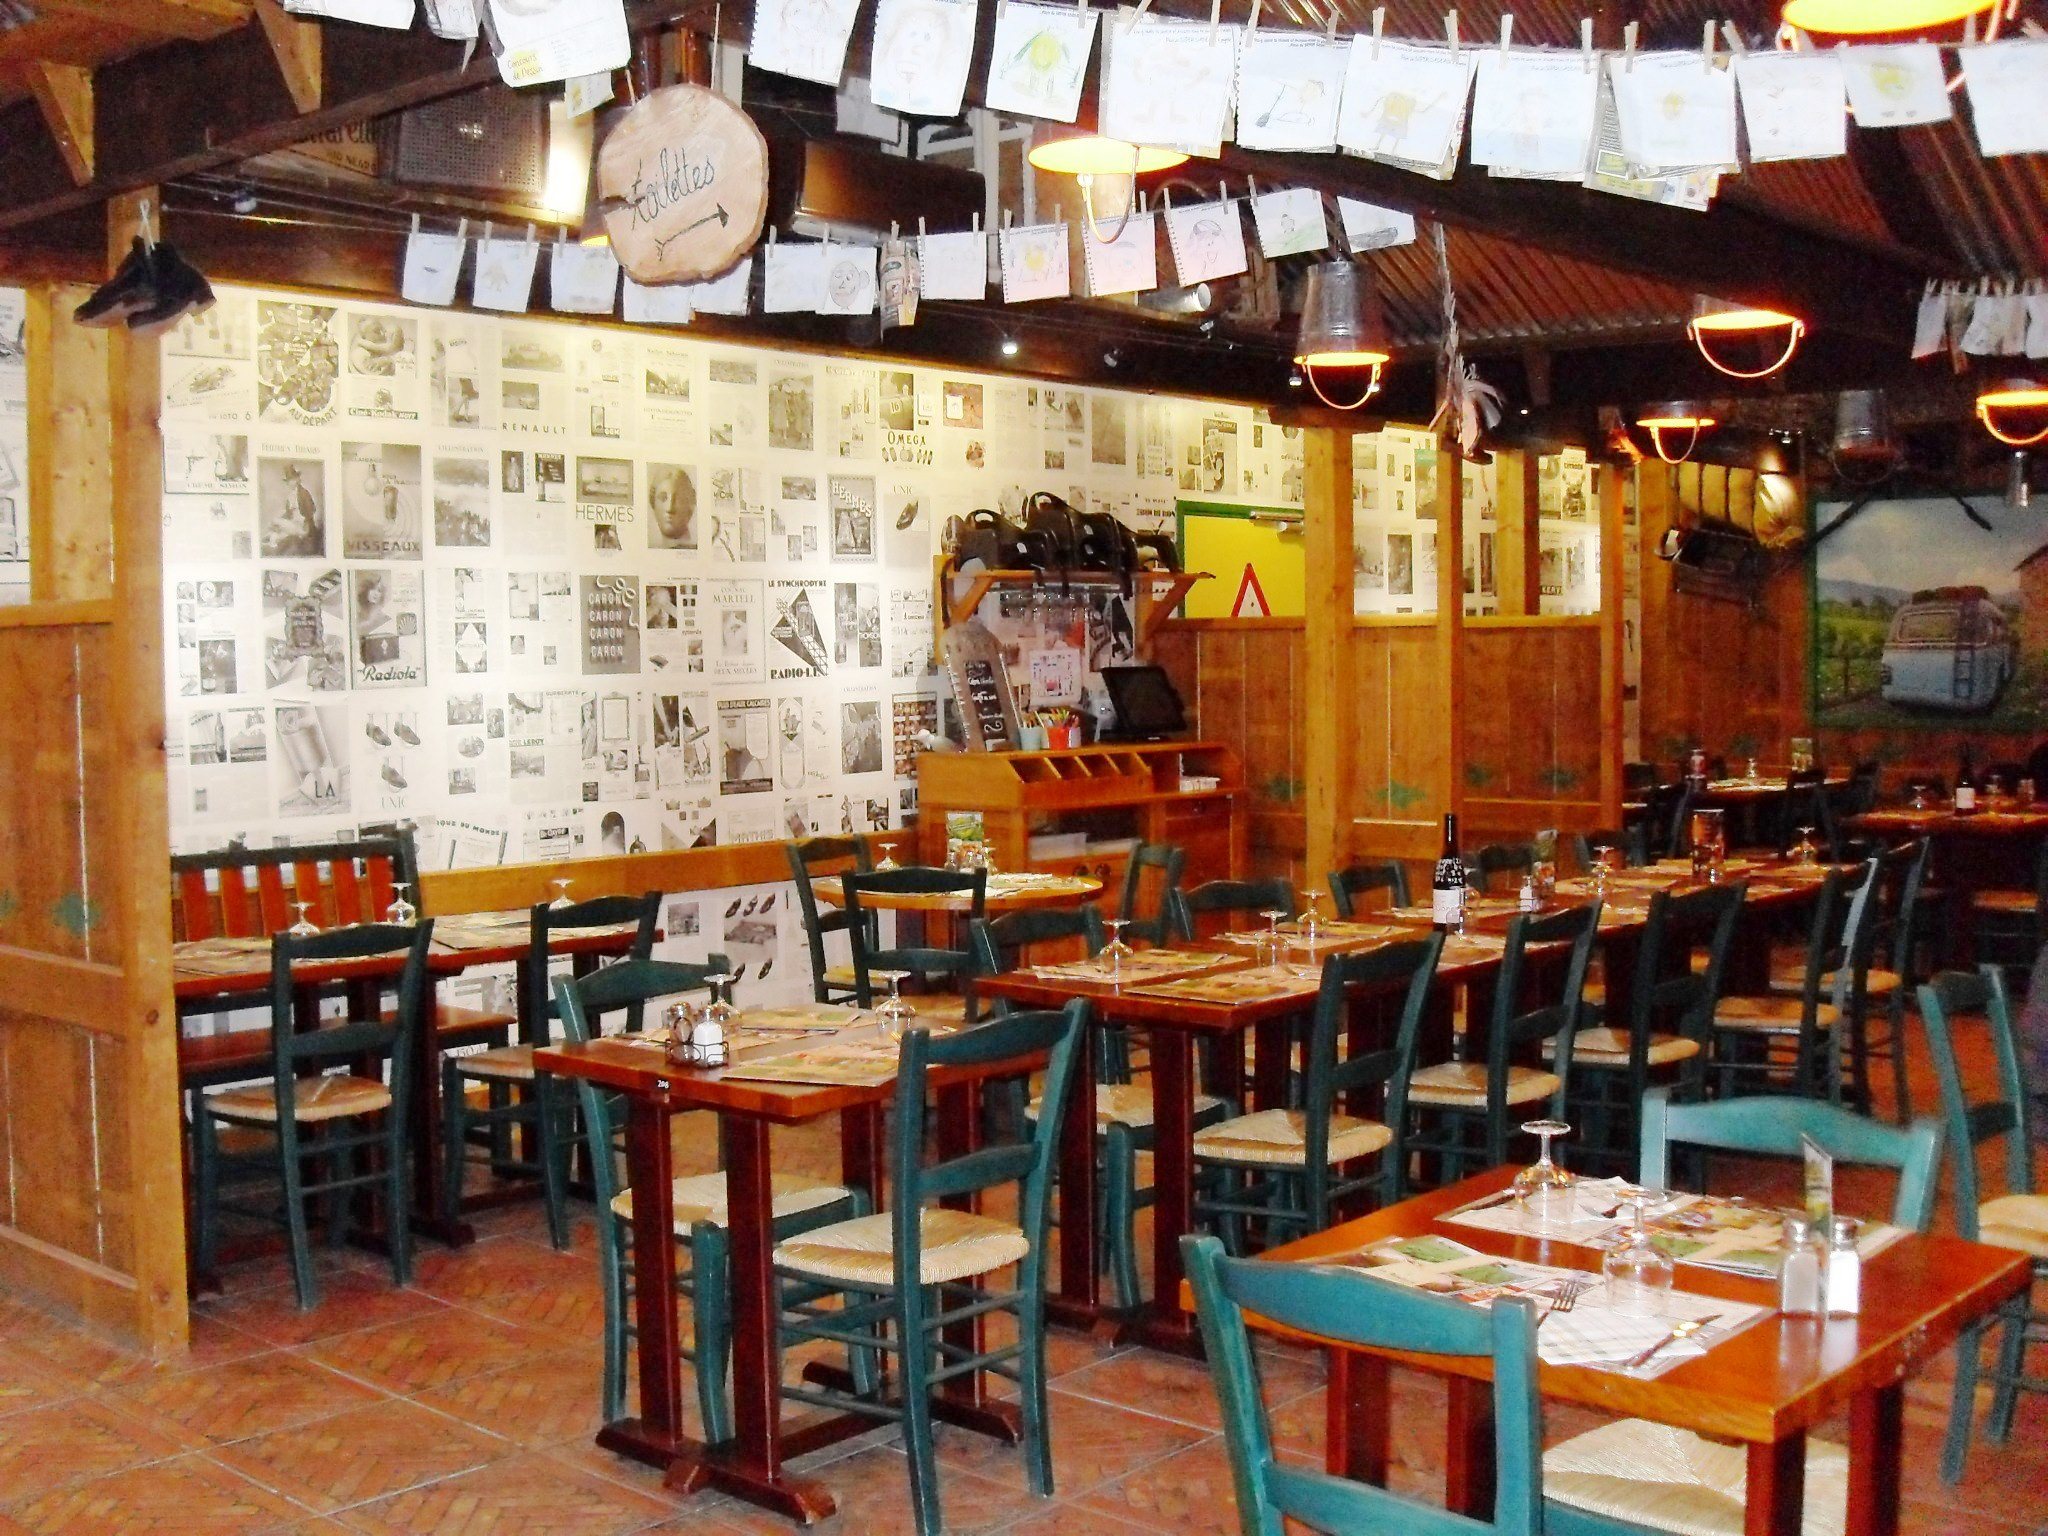 Restaurant Ouvert Le Dimanchhe St Etienne